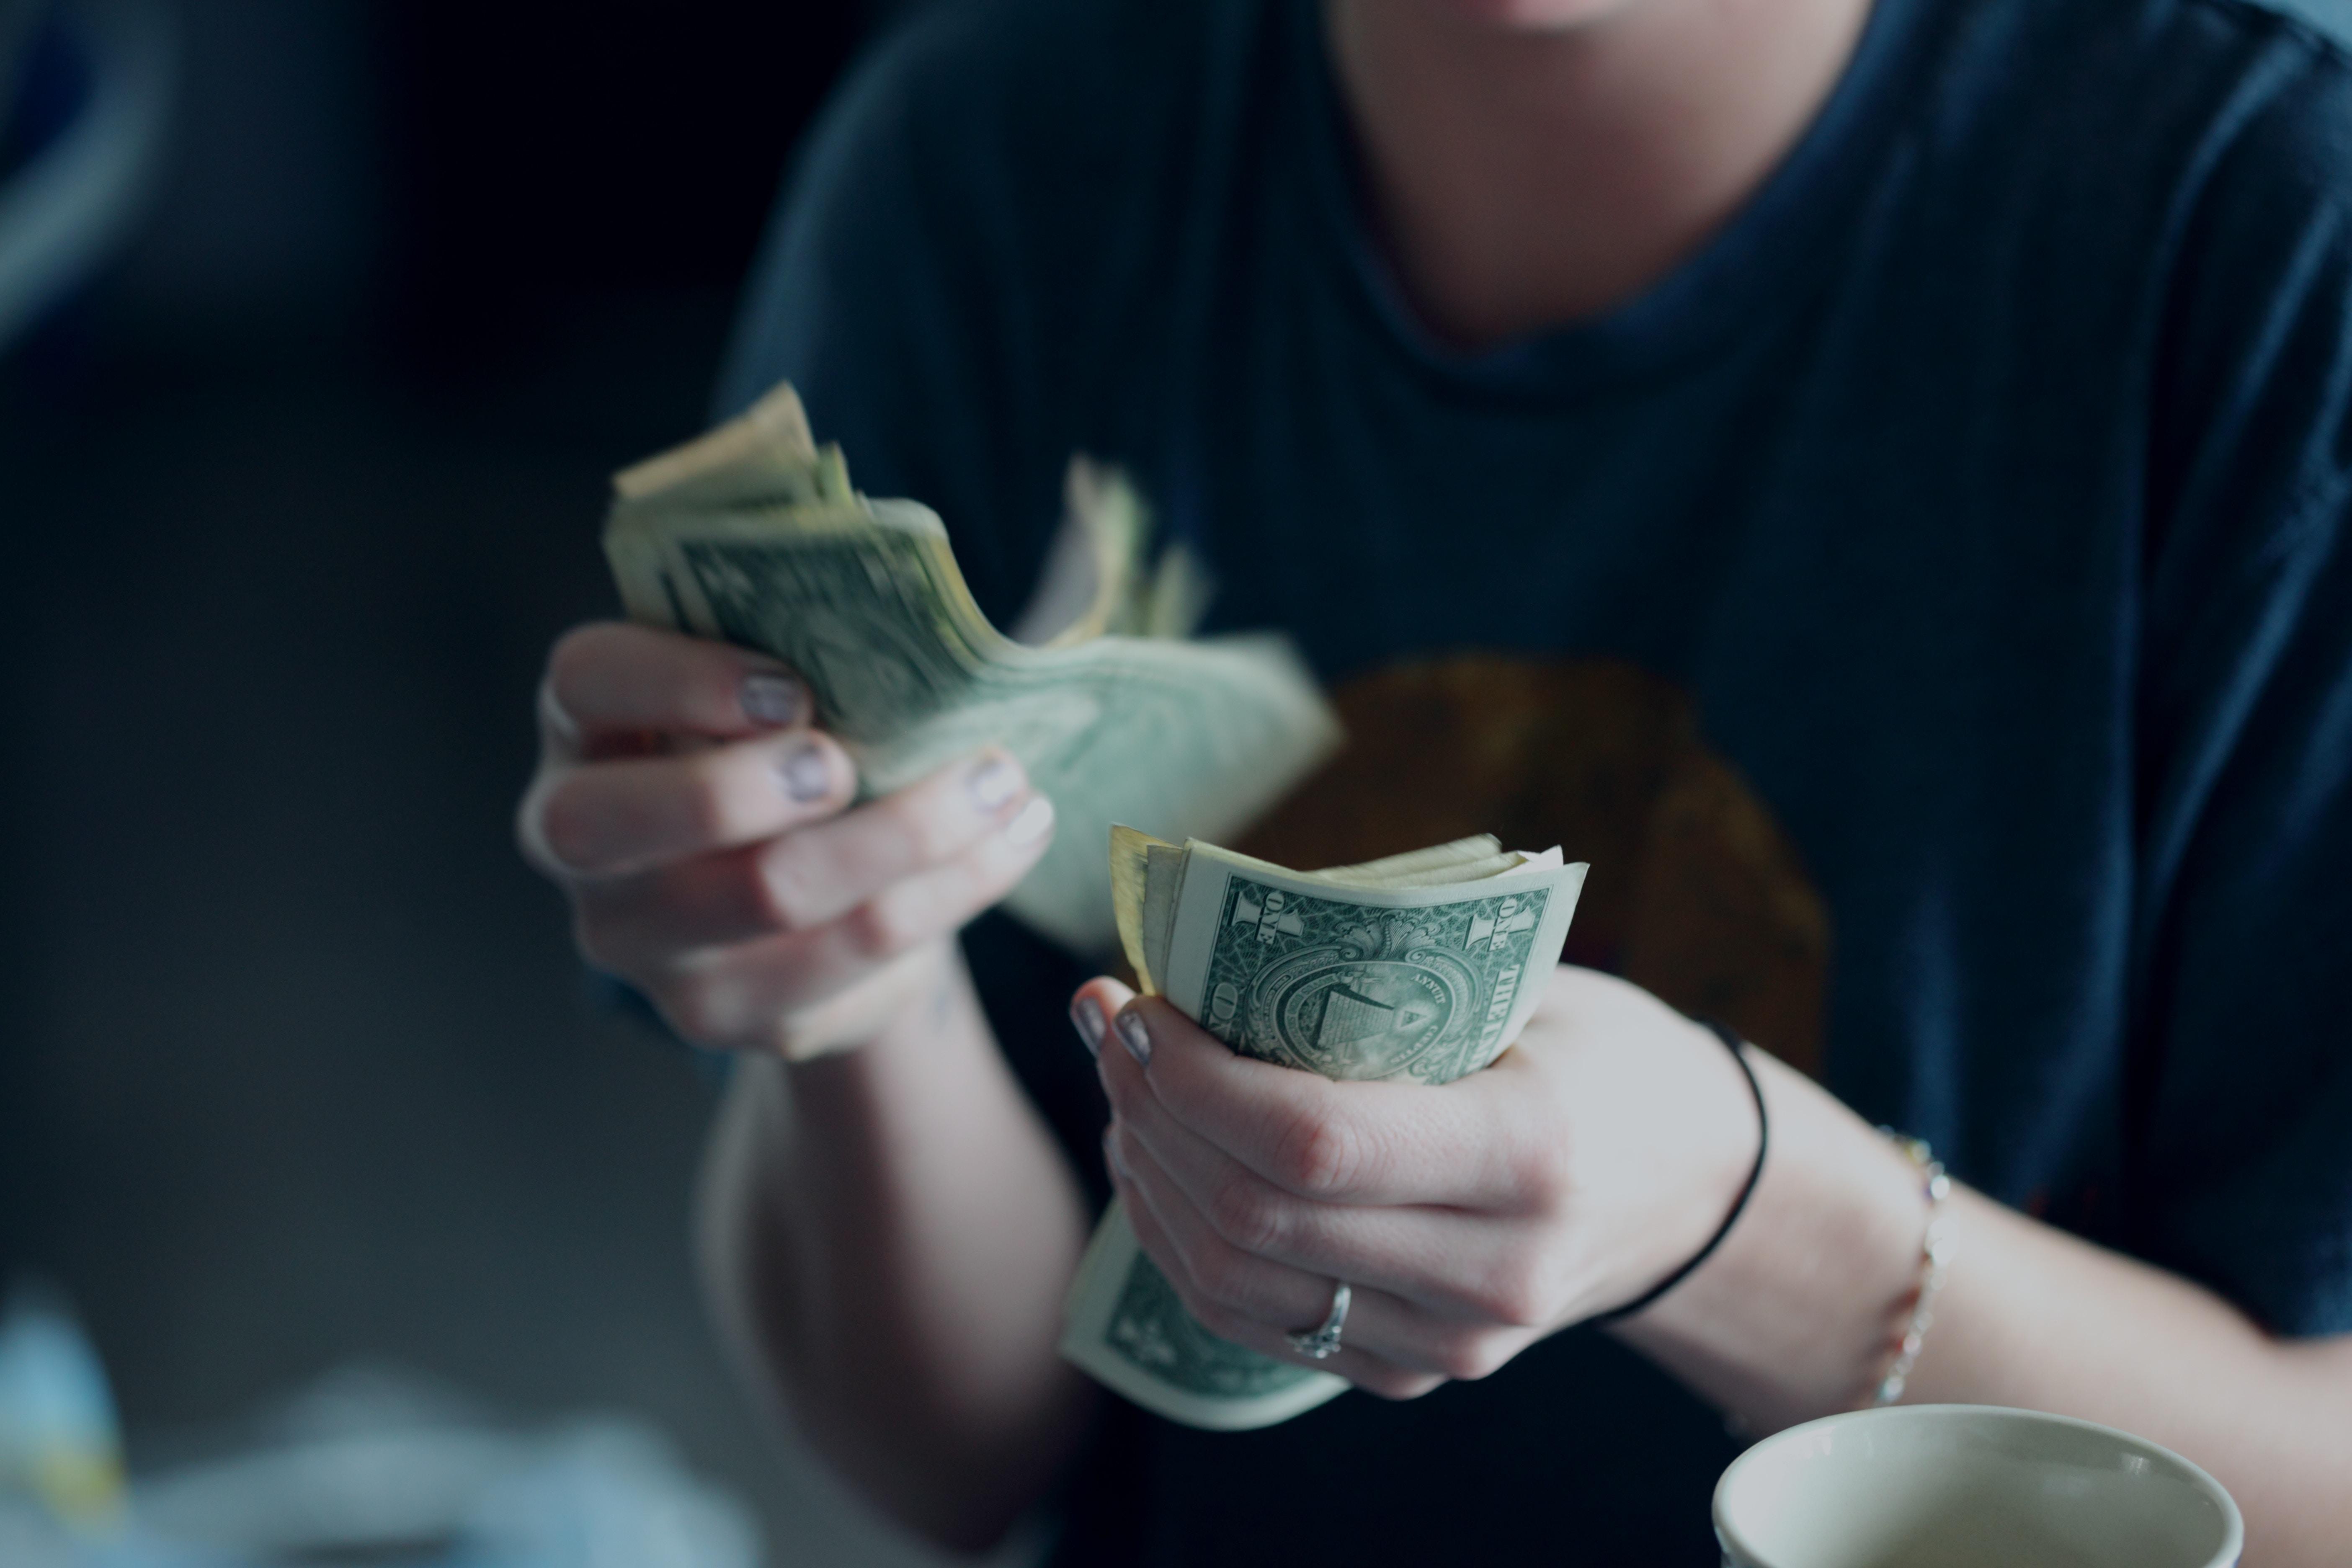 cum să faci bani trăind în casa ta)